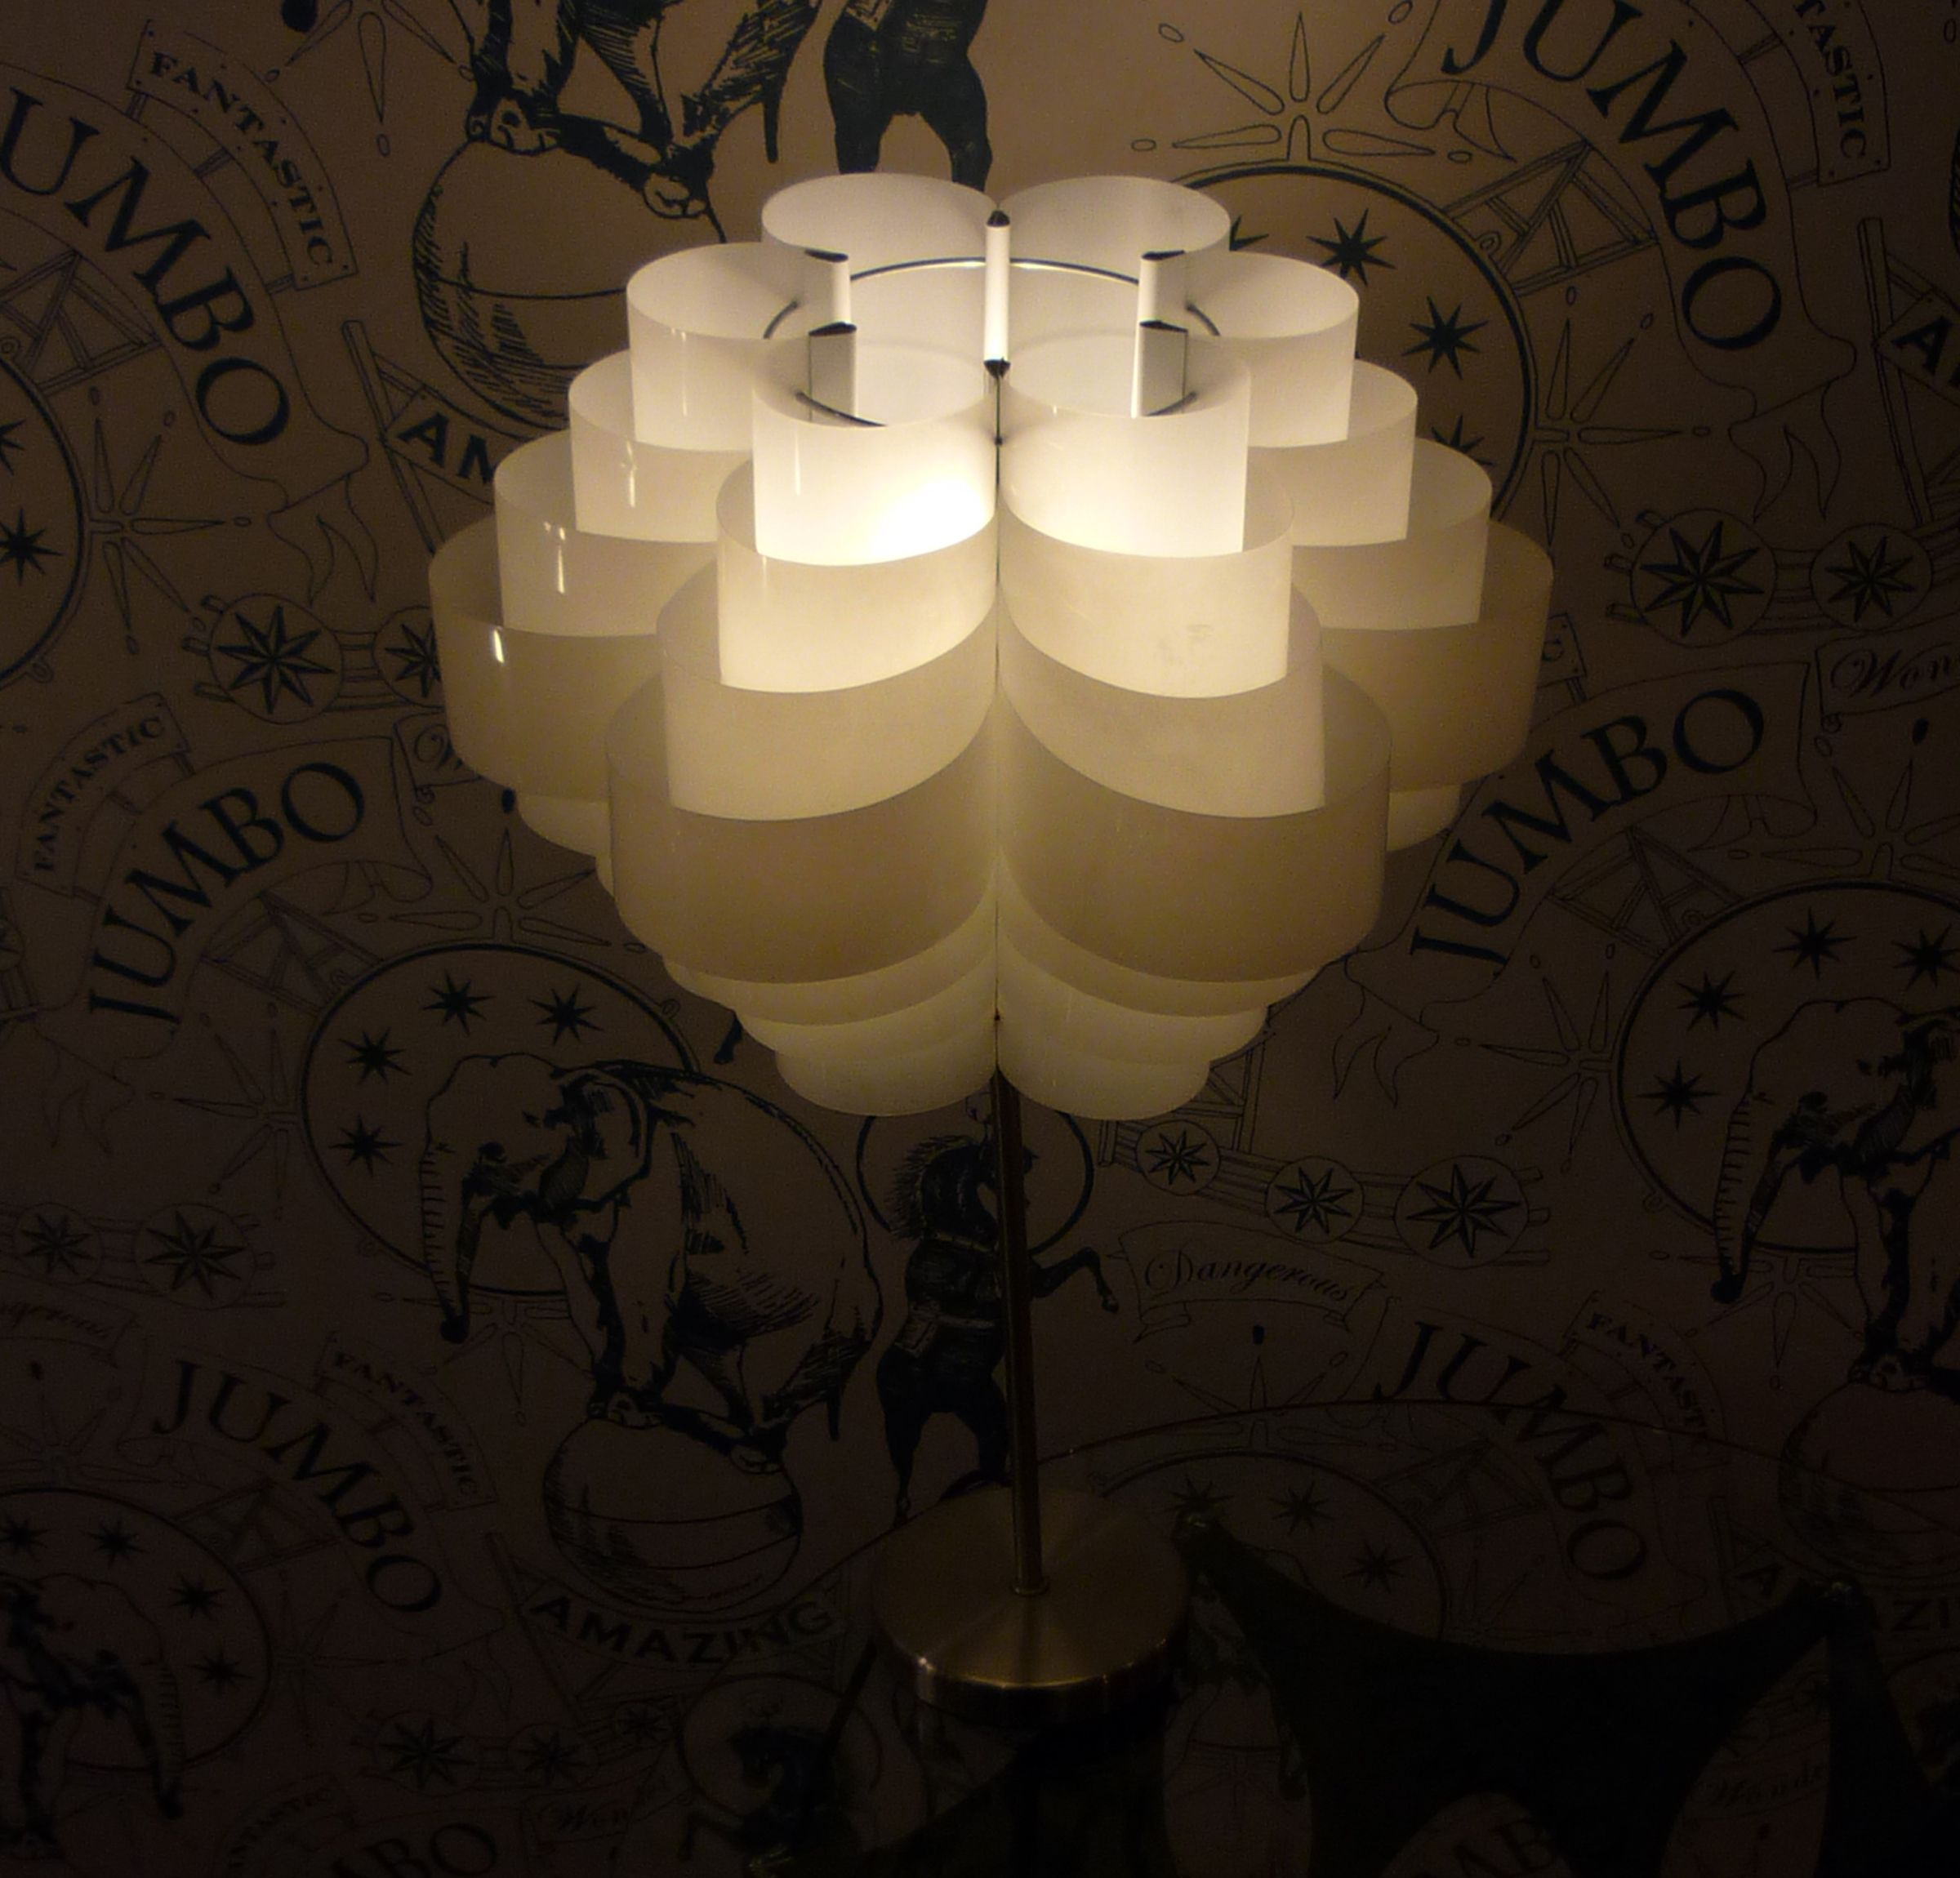 Sarah Turner é uma designer britânica conhecida por produzir obras ecológicas feitas a partir de materiais que iriam para o lixo. Uma de suas especialidades é a criação de luminárias de garrafas PET. Daisy é feita com 12 garrafas PET de dois litros. As garrafas foram cortadas em anéis de diferentes tamanhos, o que deu um ar retrô à luminária.